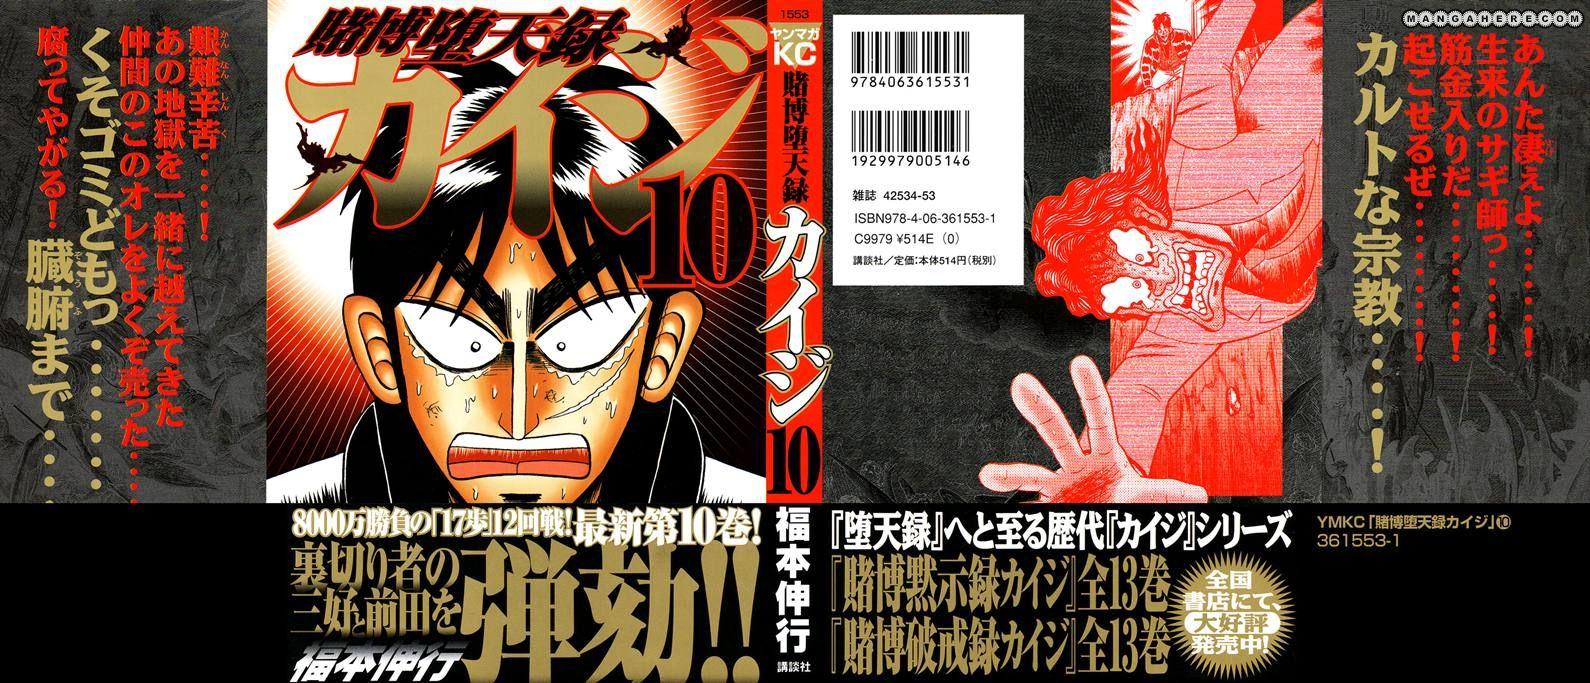 Tobaku Datenroku Kaiji 89 Page 3